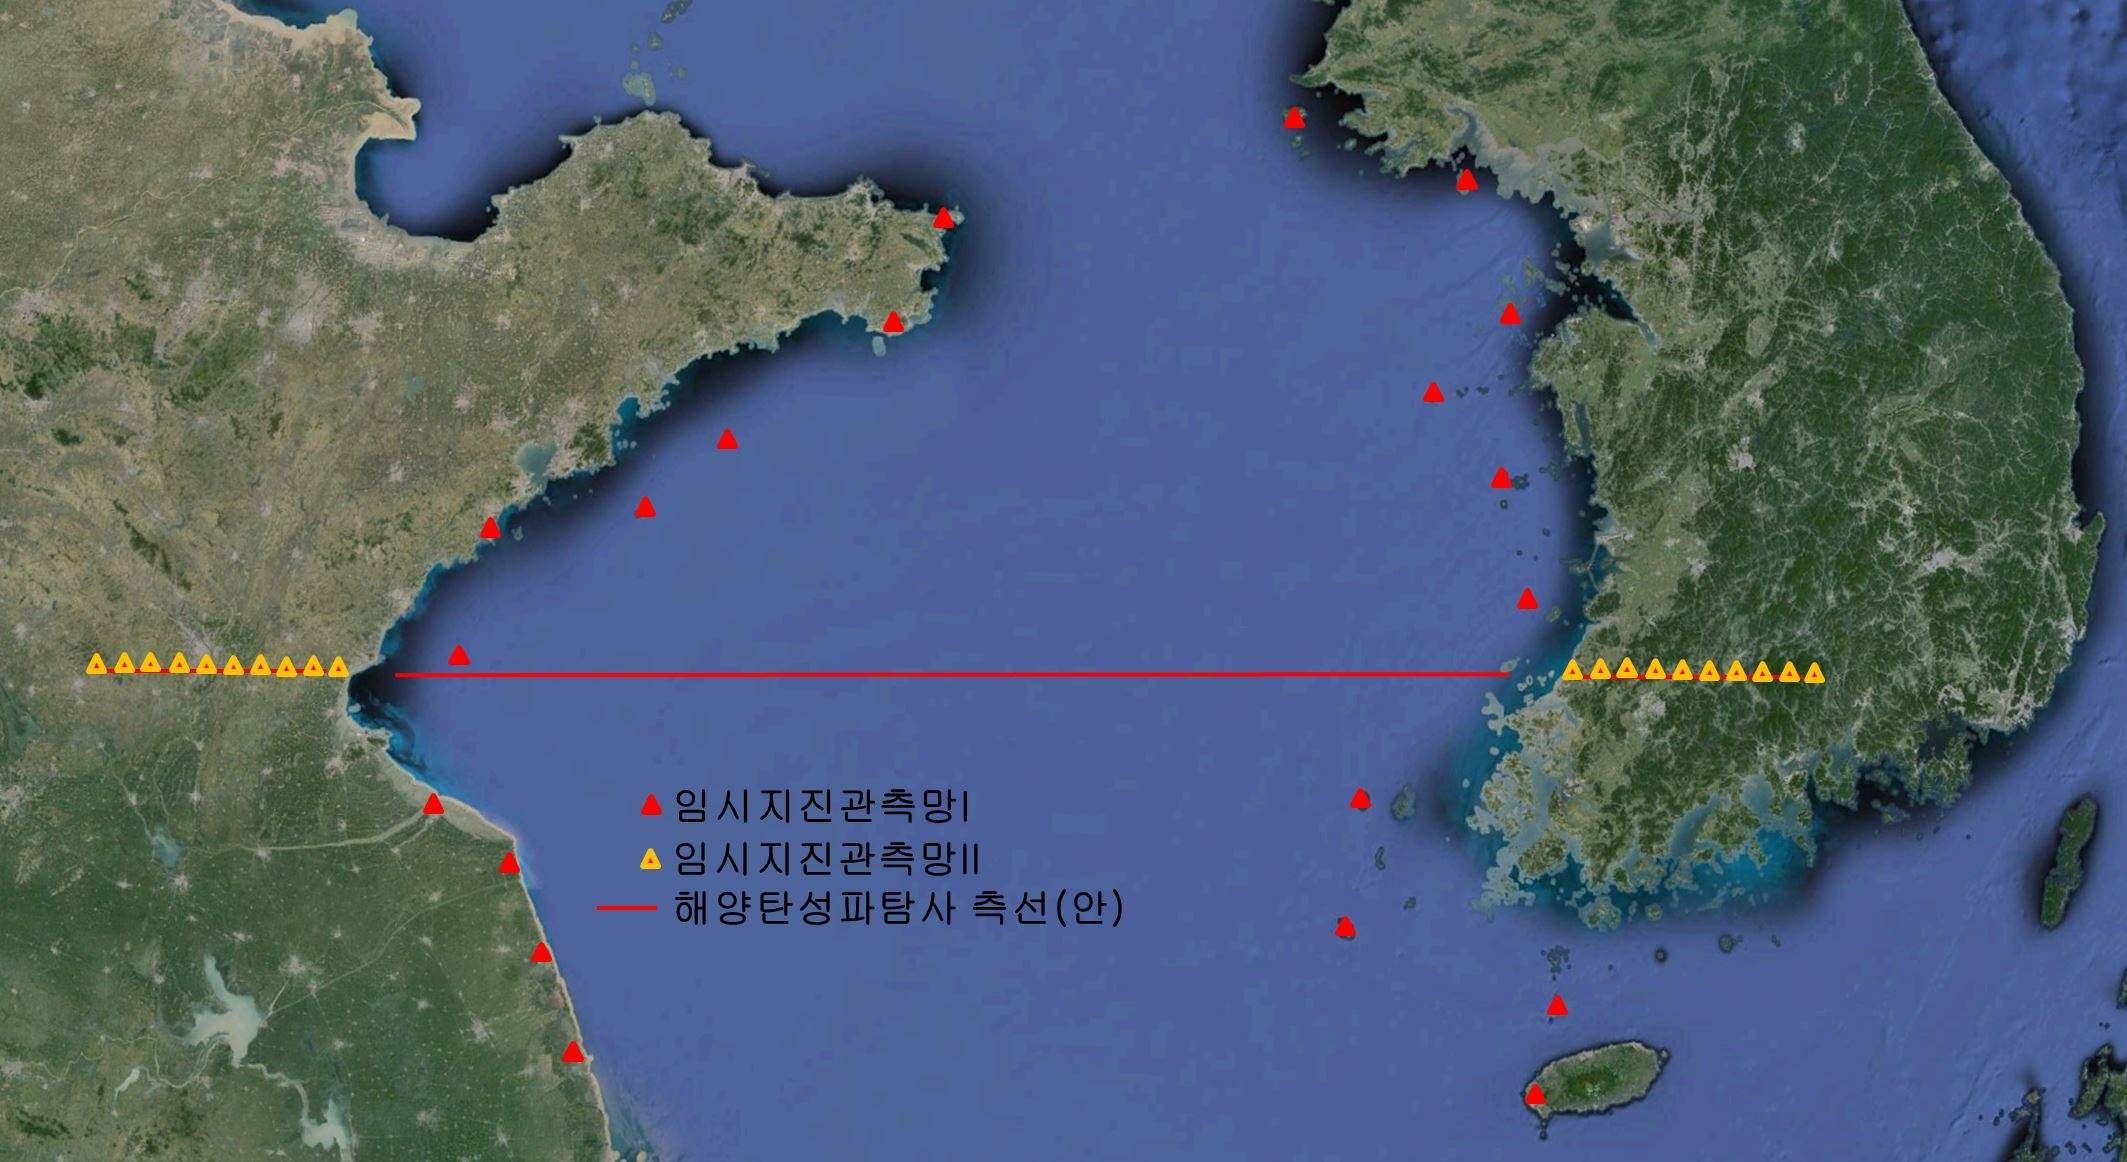 한중 국제공동 임시지진관측망I, 임시지진관측망II 관측소 설치 위치 및 해양 심부탄성파탐사 측선(안).